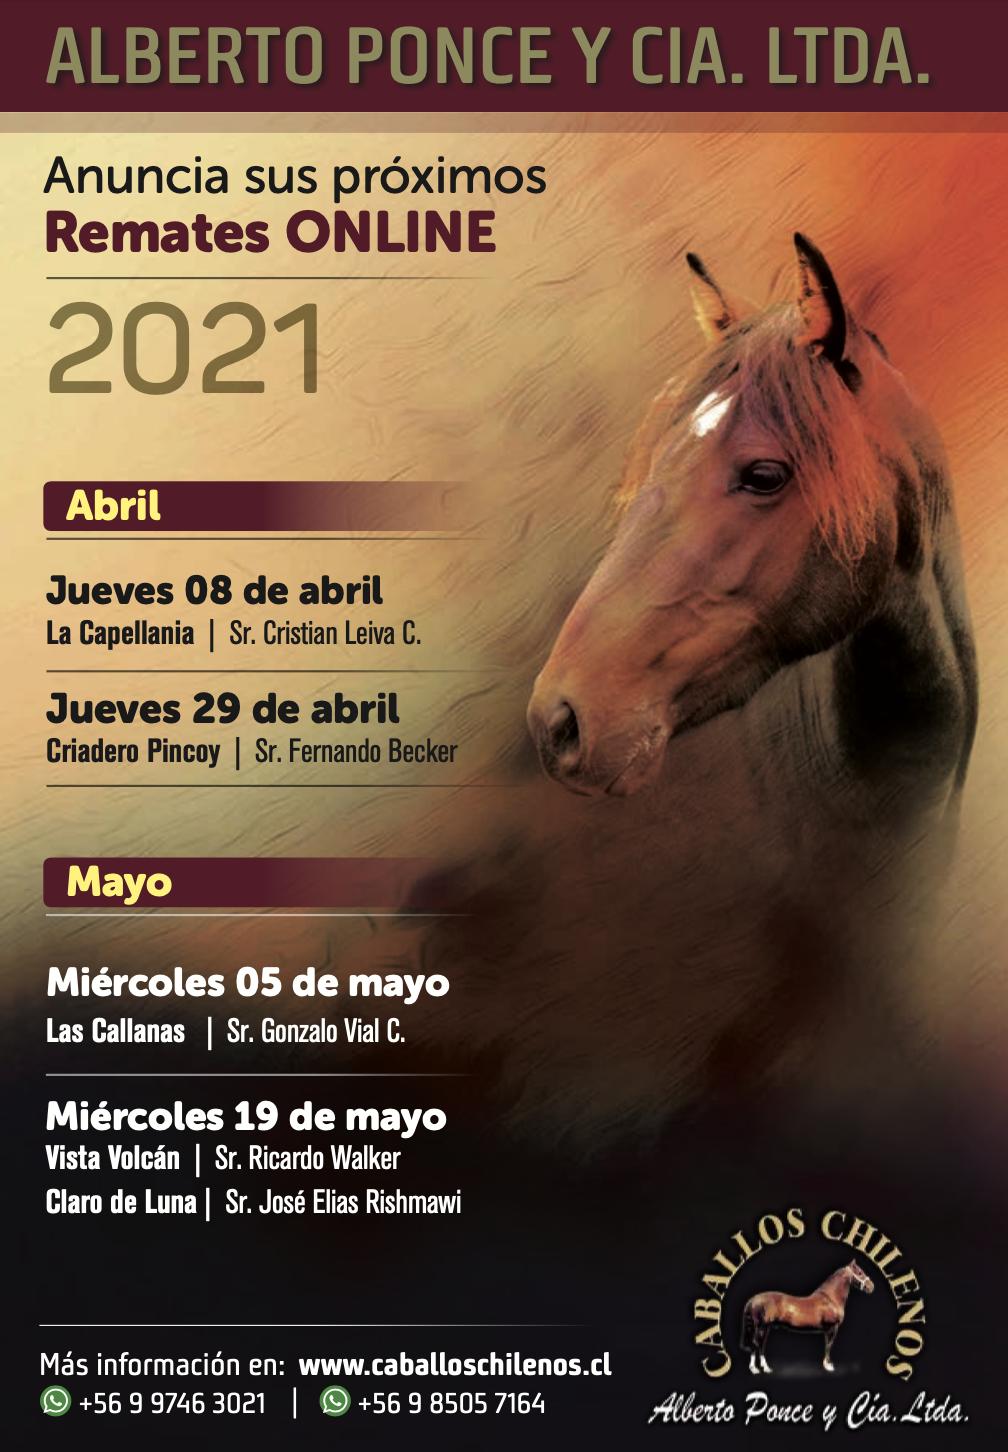 CalendarioRematesAbril-2021